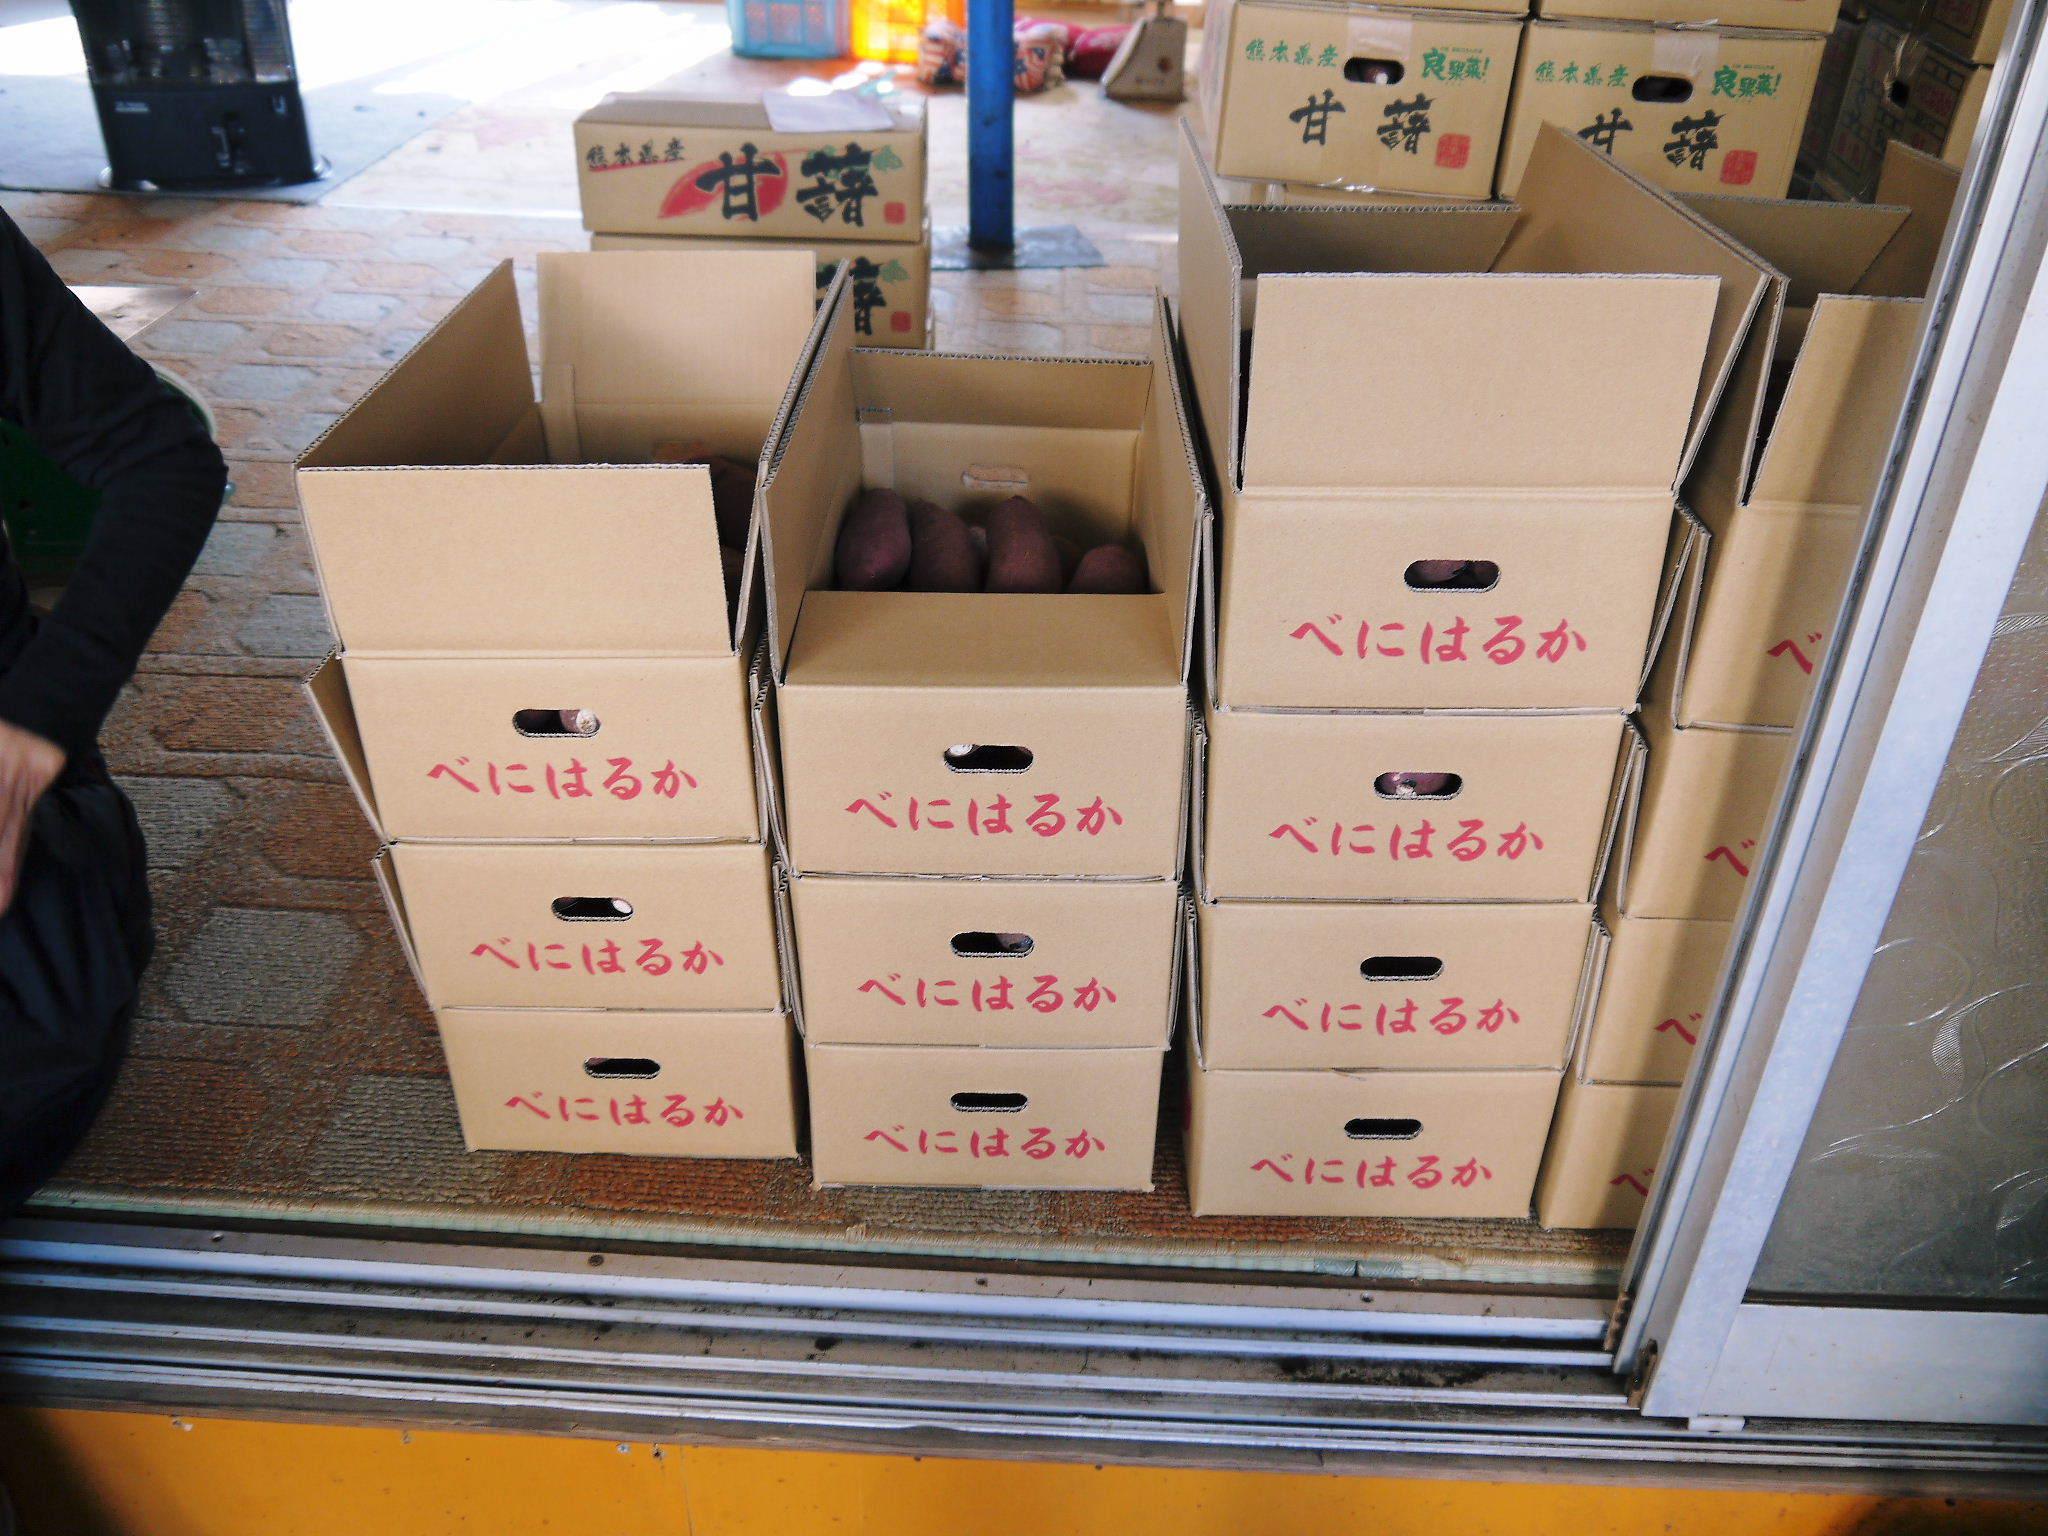 熊本産大津甘藷『からいも(サツマイモ)』の販売に向け、生産農家を現地取材(前編)_a0254656_17402695.jpg